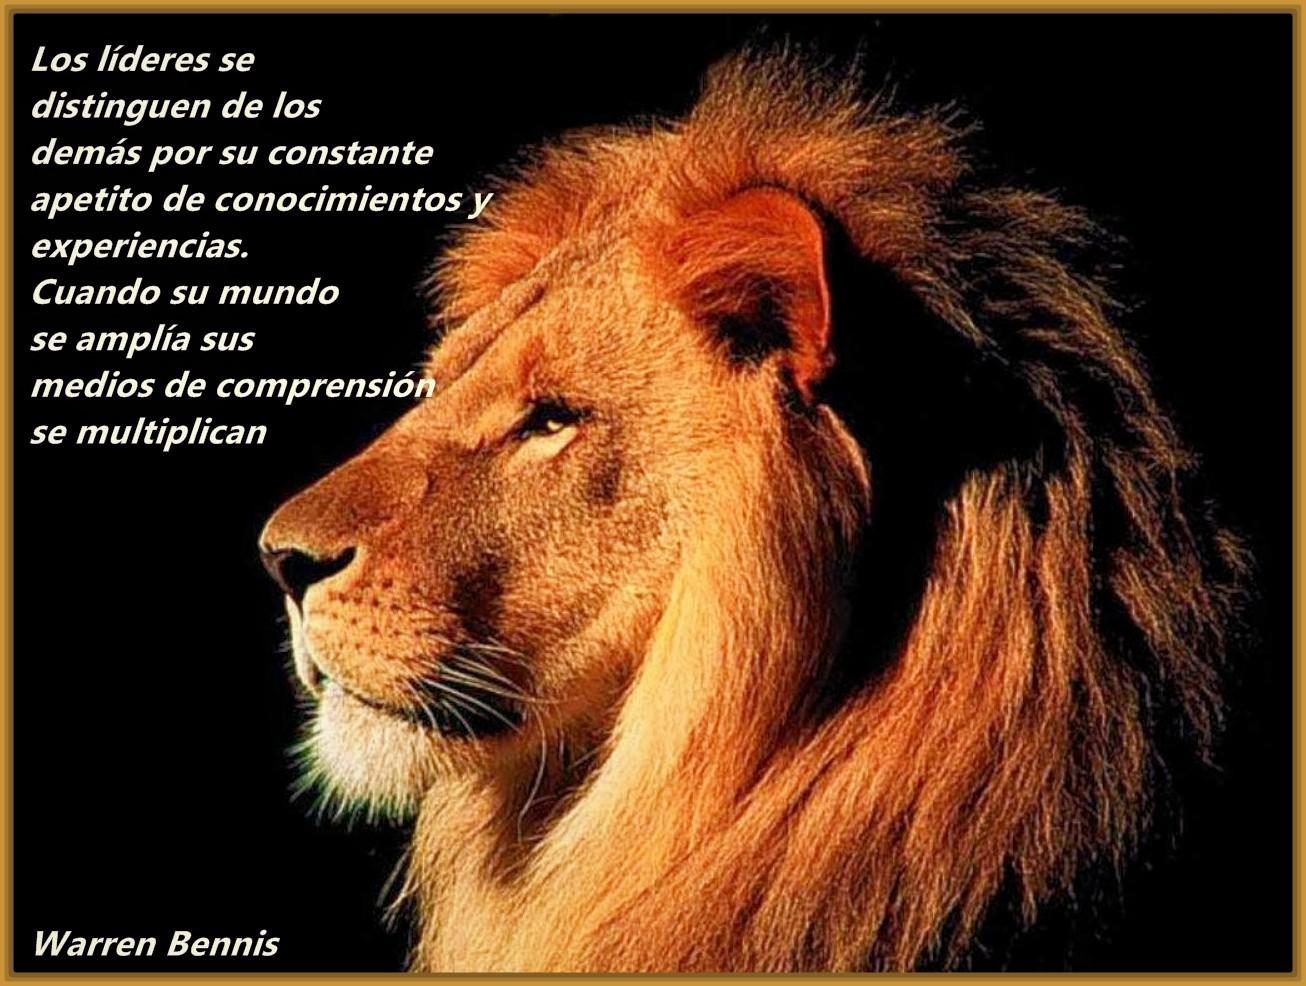 imagenes-de-leones-con-frases-bonitas